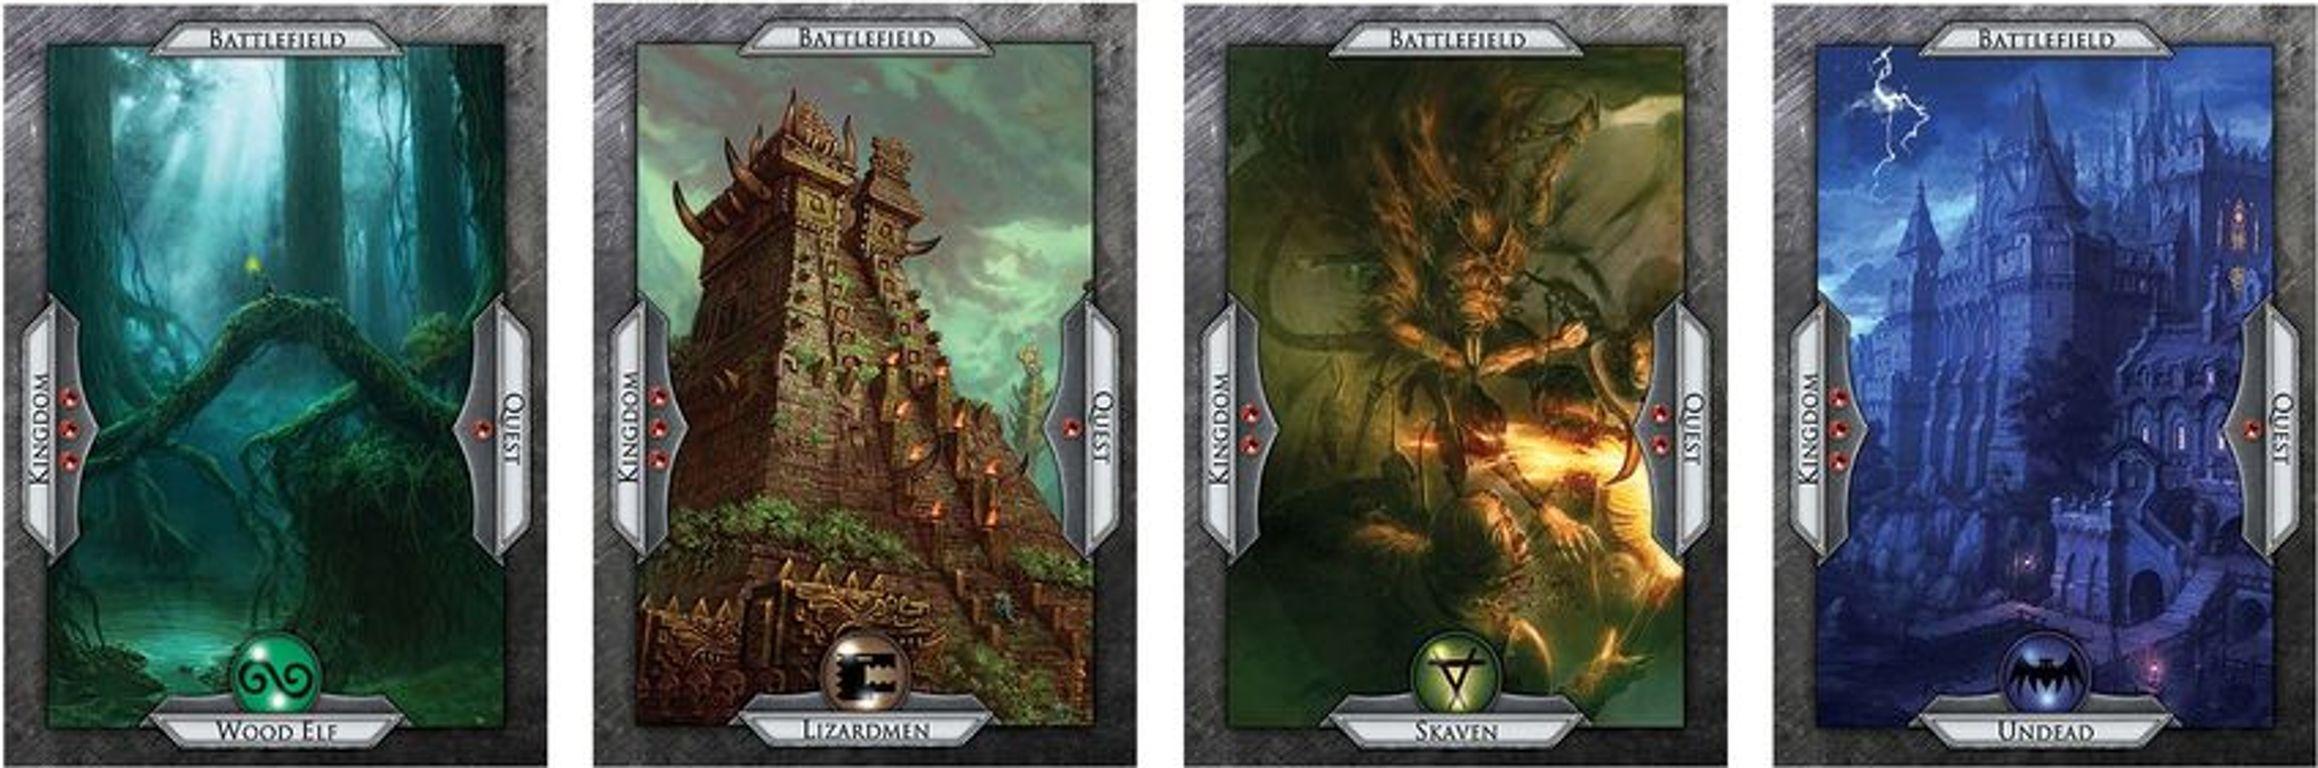 Warhammer: Invasion - Hidden Kingdoms cards